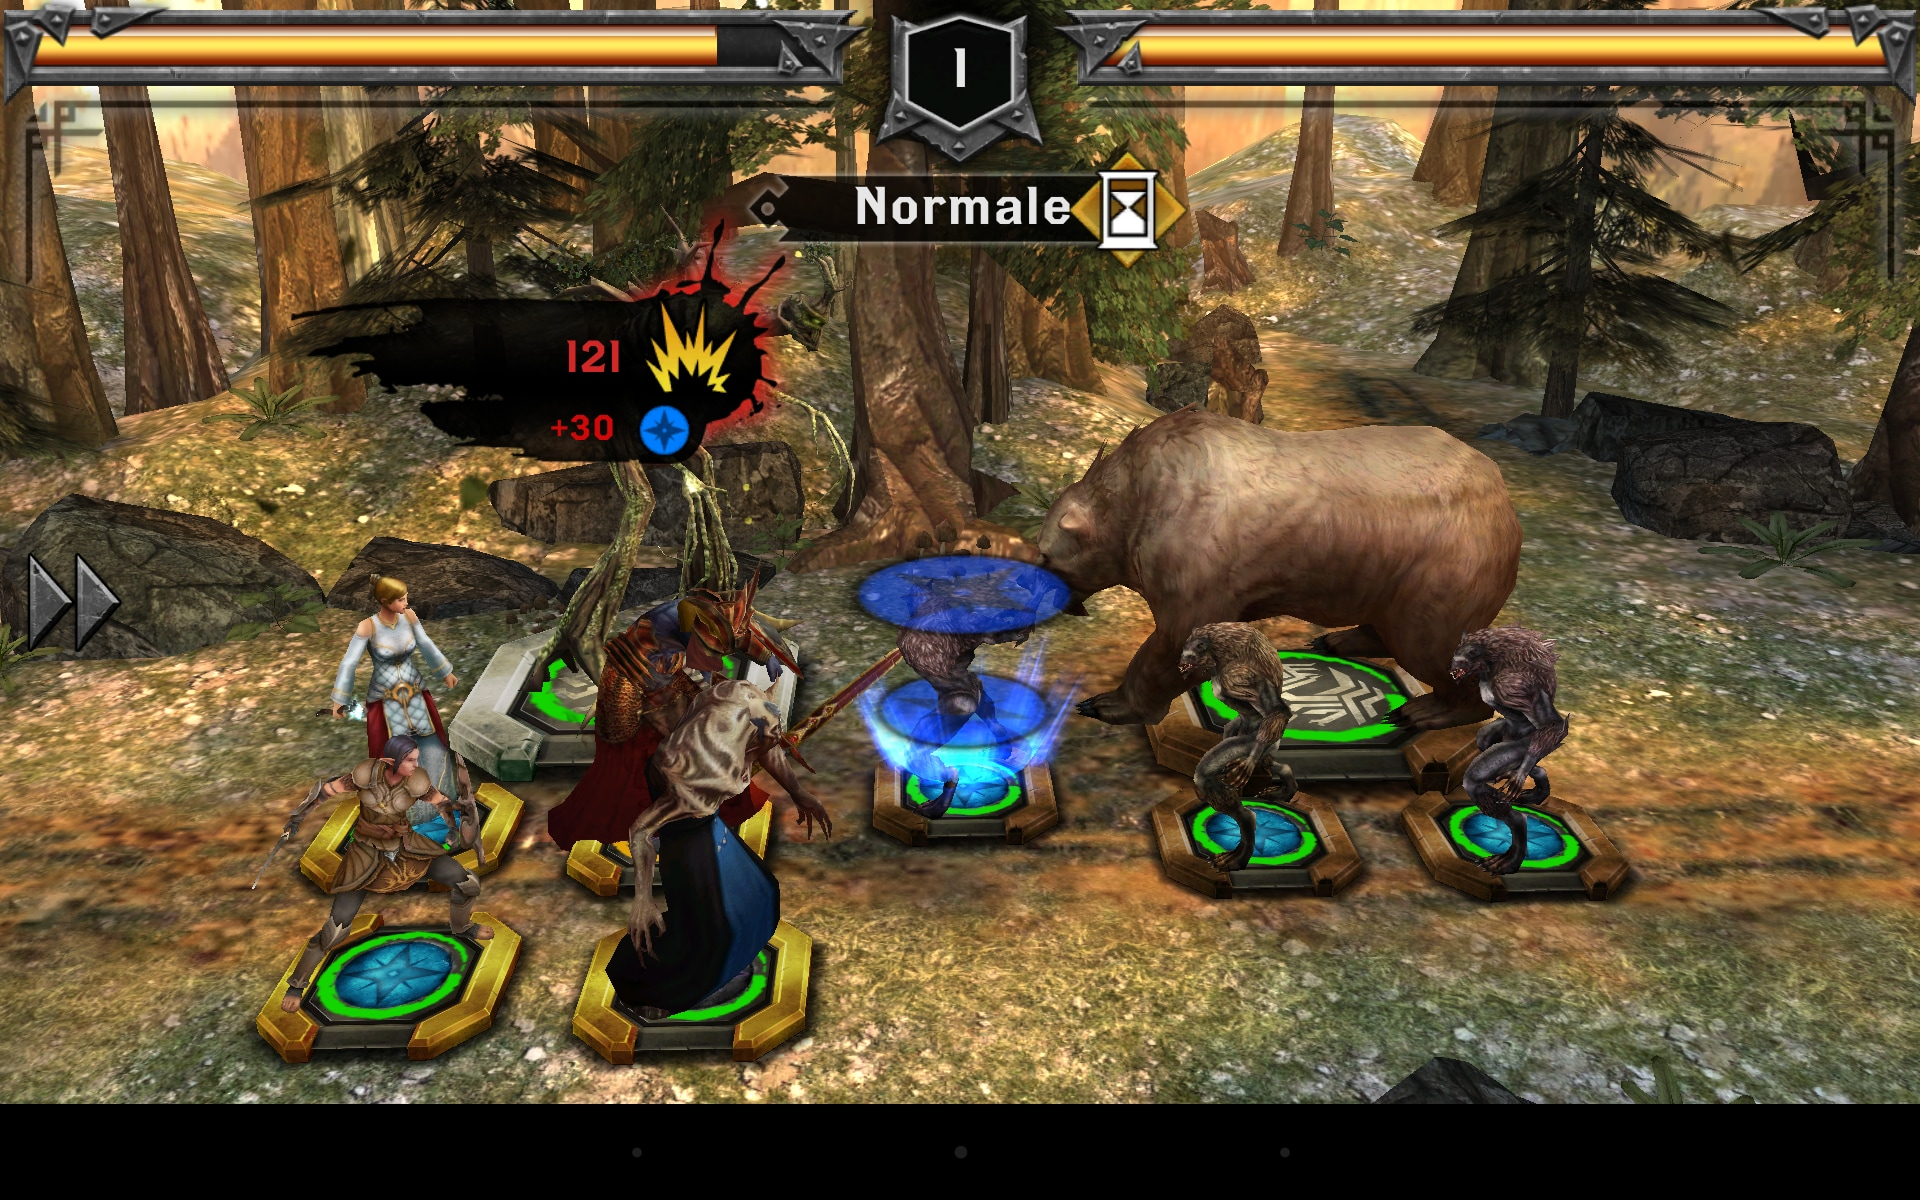 Con le rune potremo ricevere alcuni boost durante i combattimenti. Queste possono essere trovate nei pacchetti.